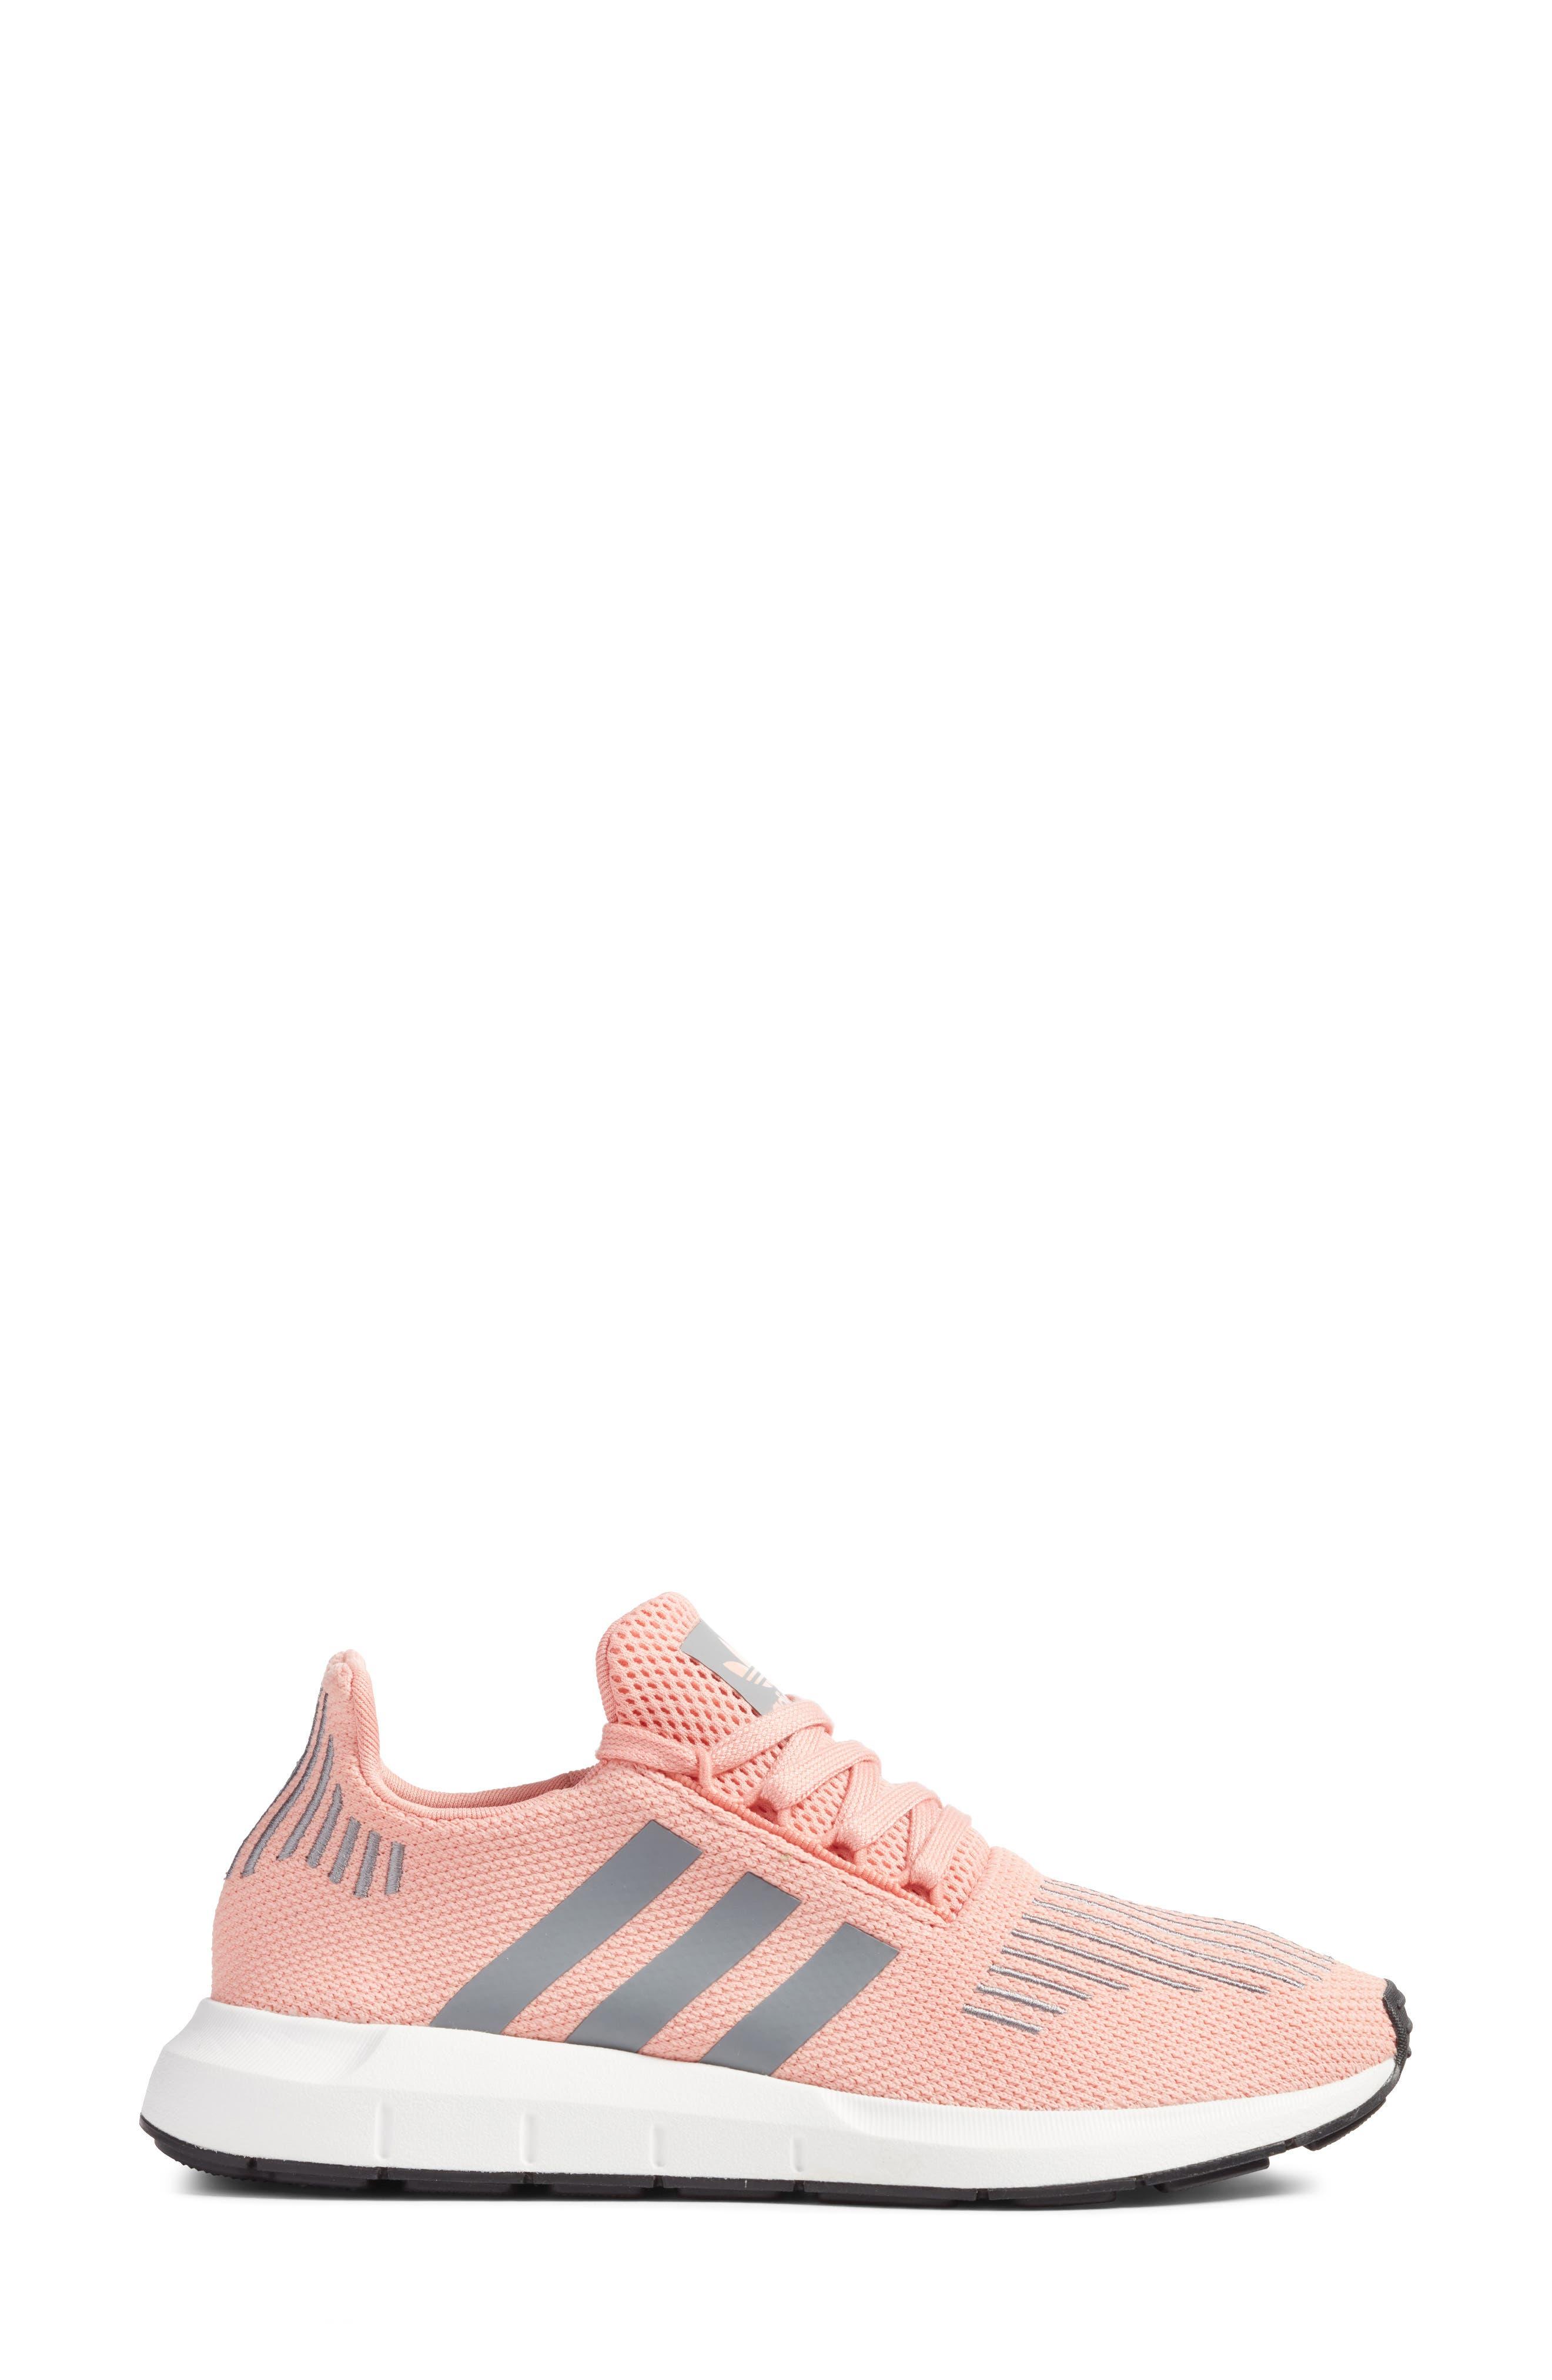 Swift Run Sneaker,                             Alternate thumbnail 101, color,